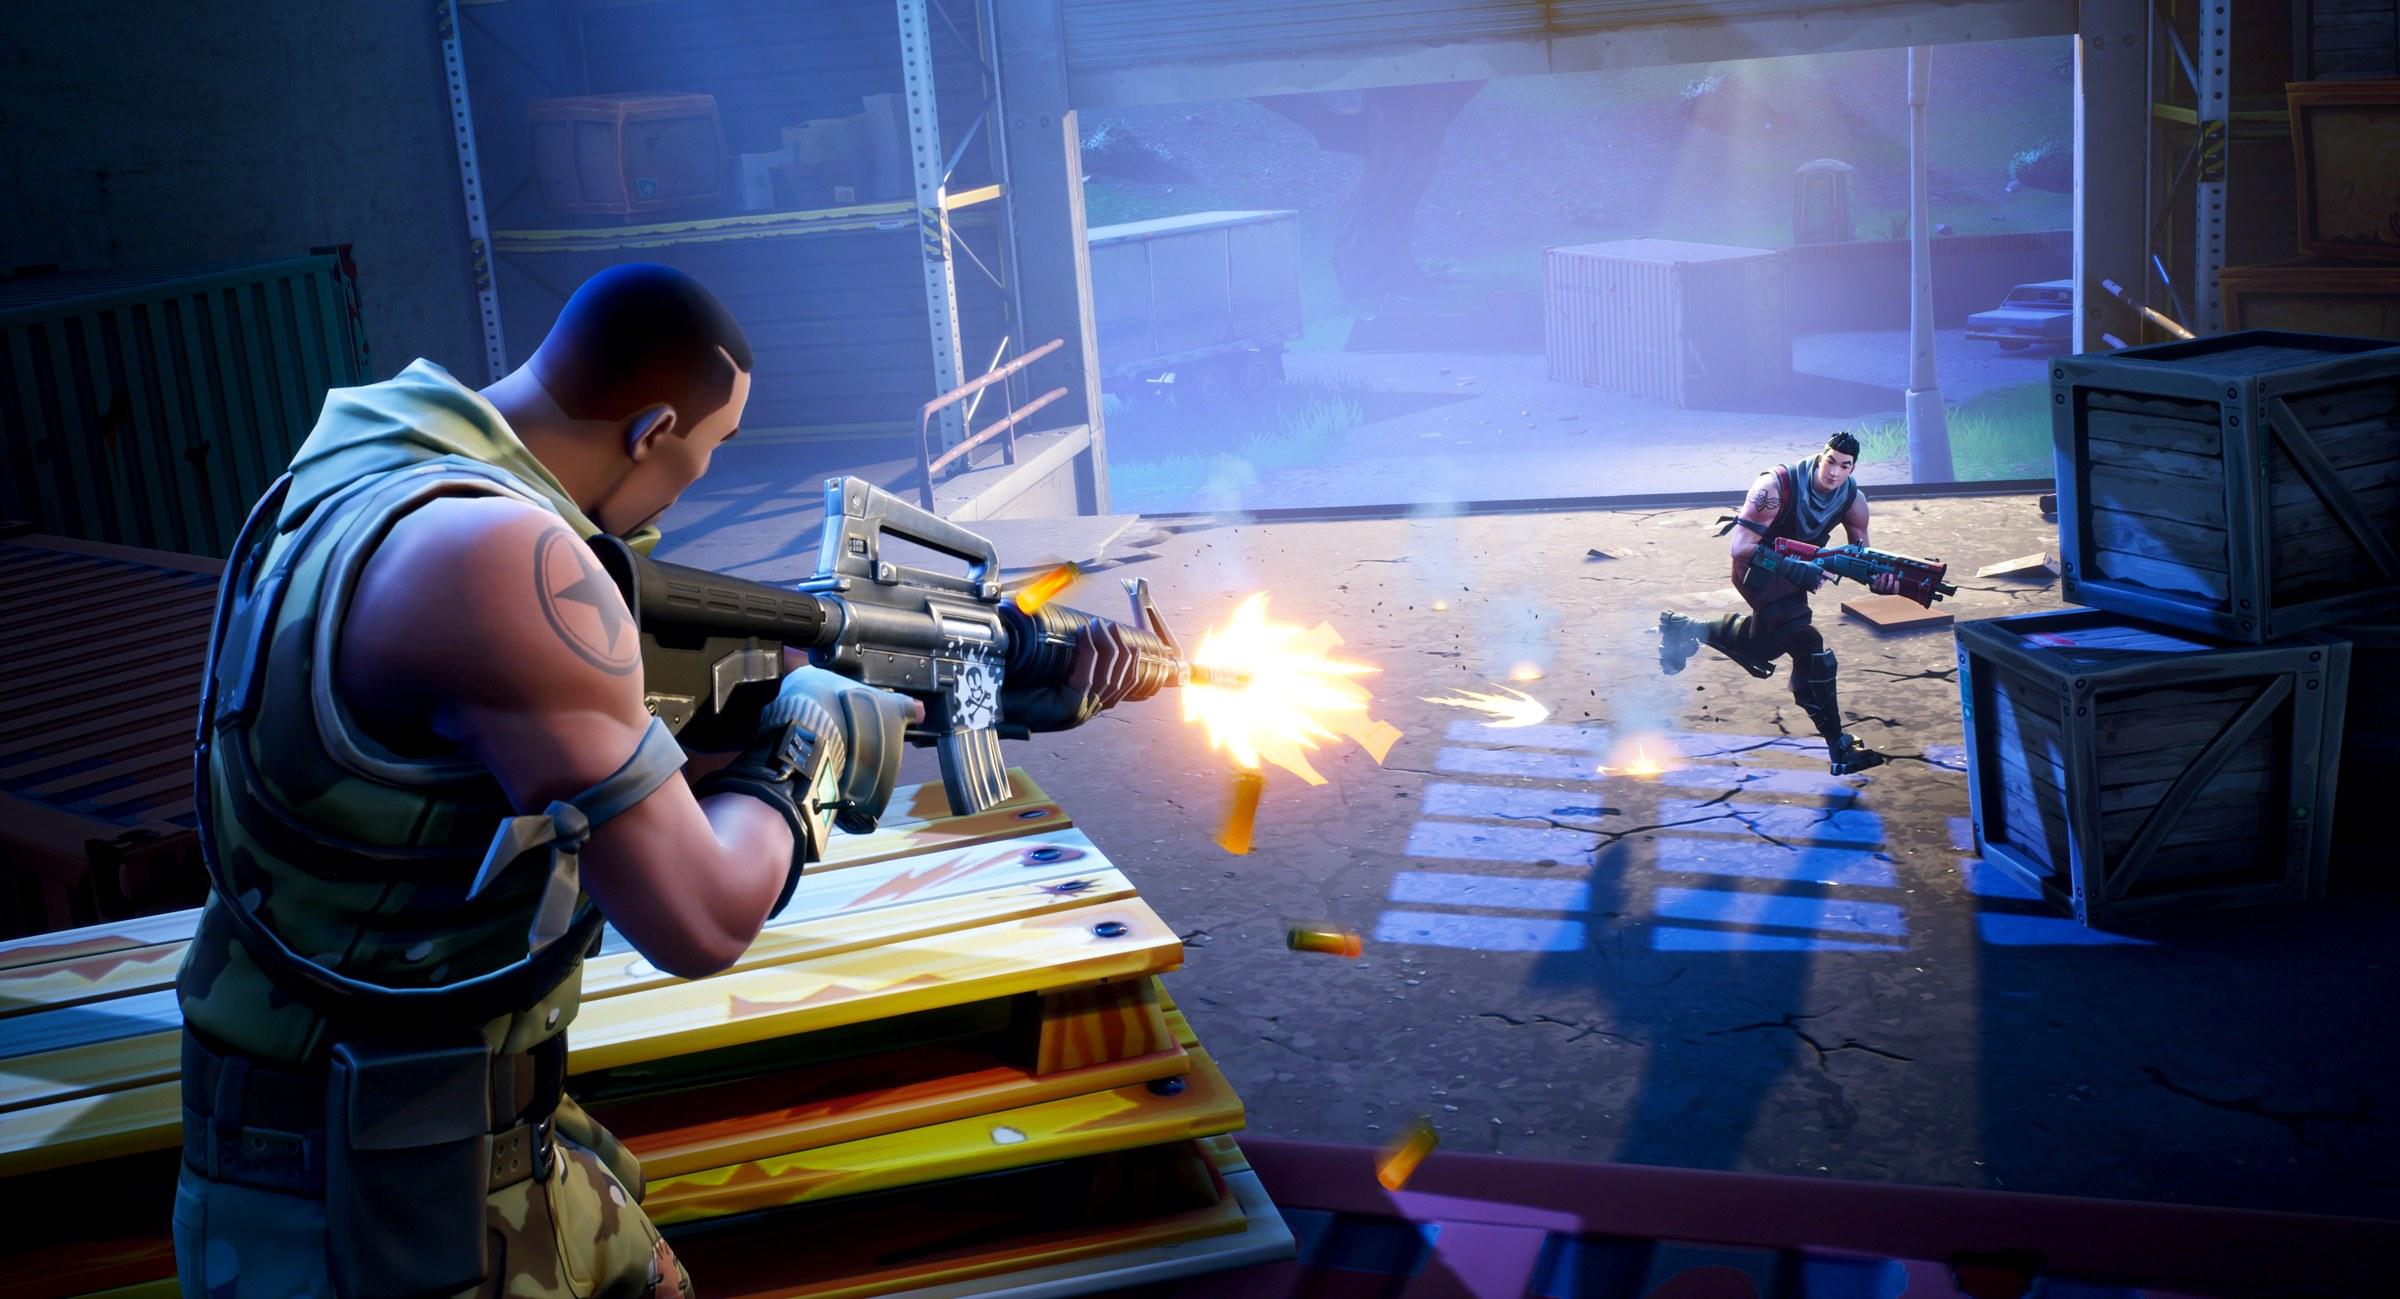 Создатели игры Fortnite привлекли 1,25 млрд долларов вложений денег